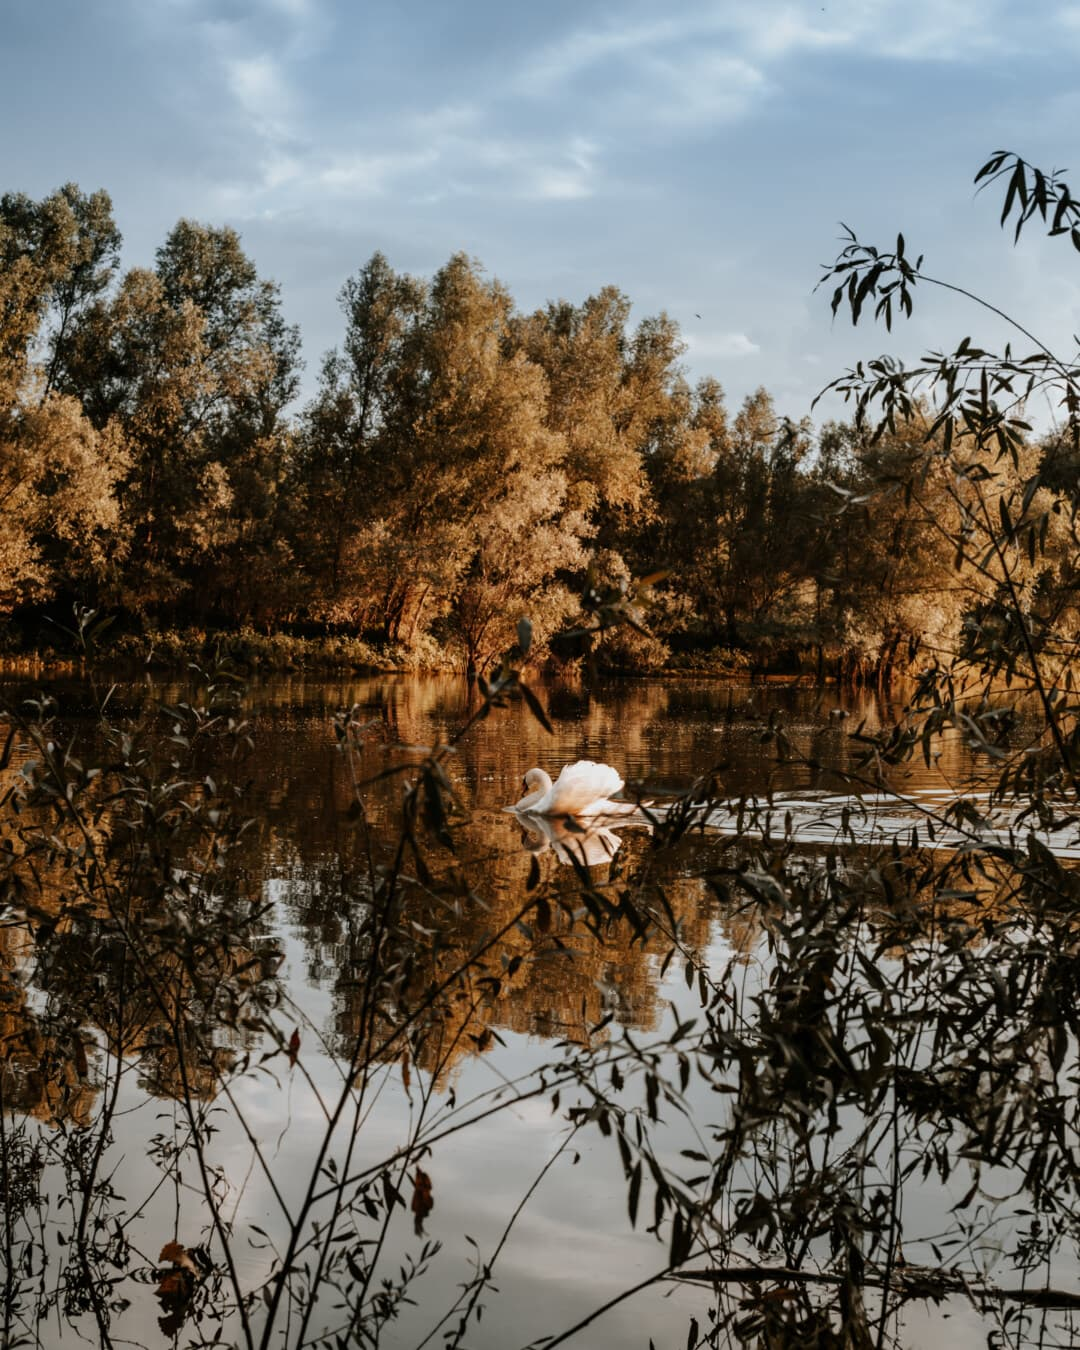 weiß, Schwan, Schwimmen, allein, am See, Reflexion, Wasser, Struktur, Natur, Bäume